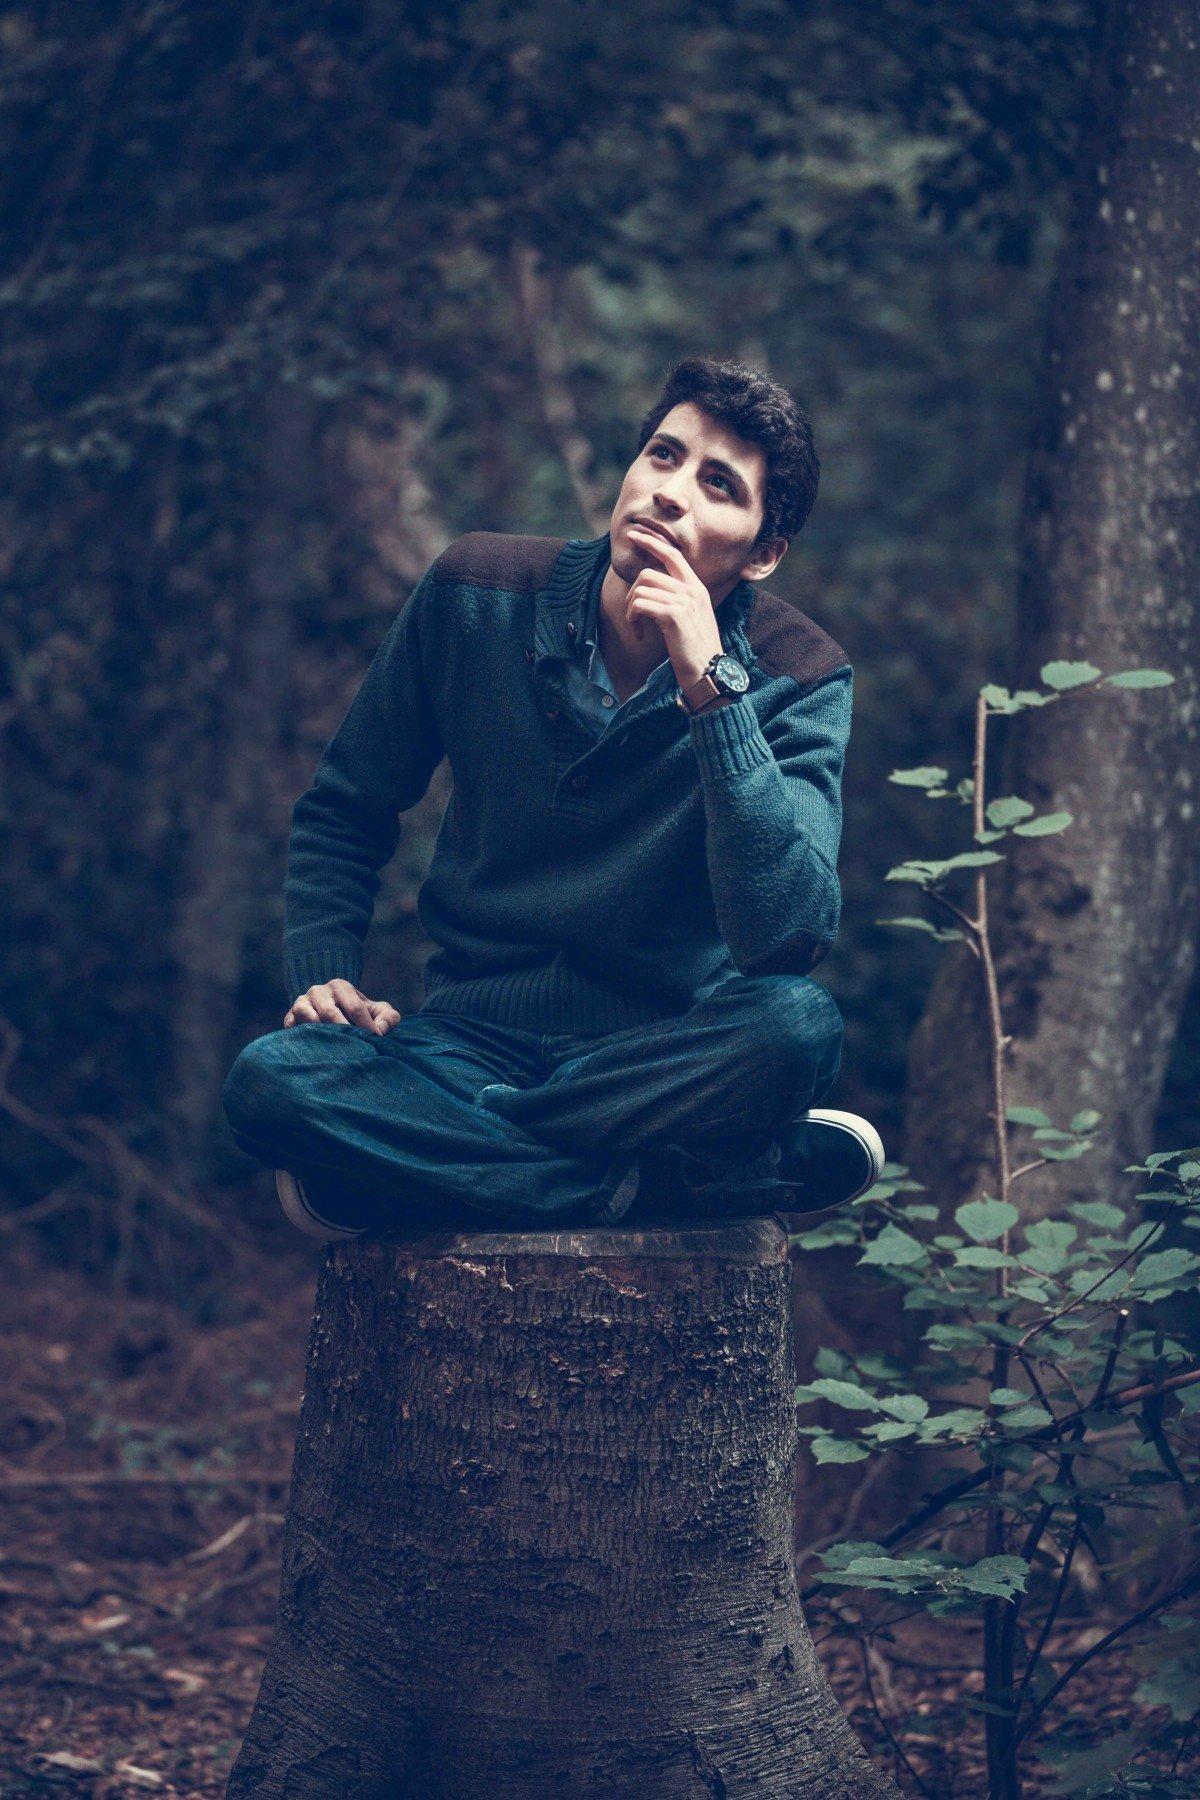 дубай мужская фотосессия в лесу втором случае